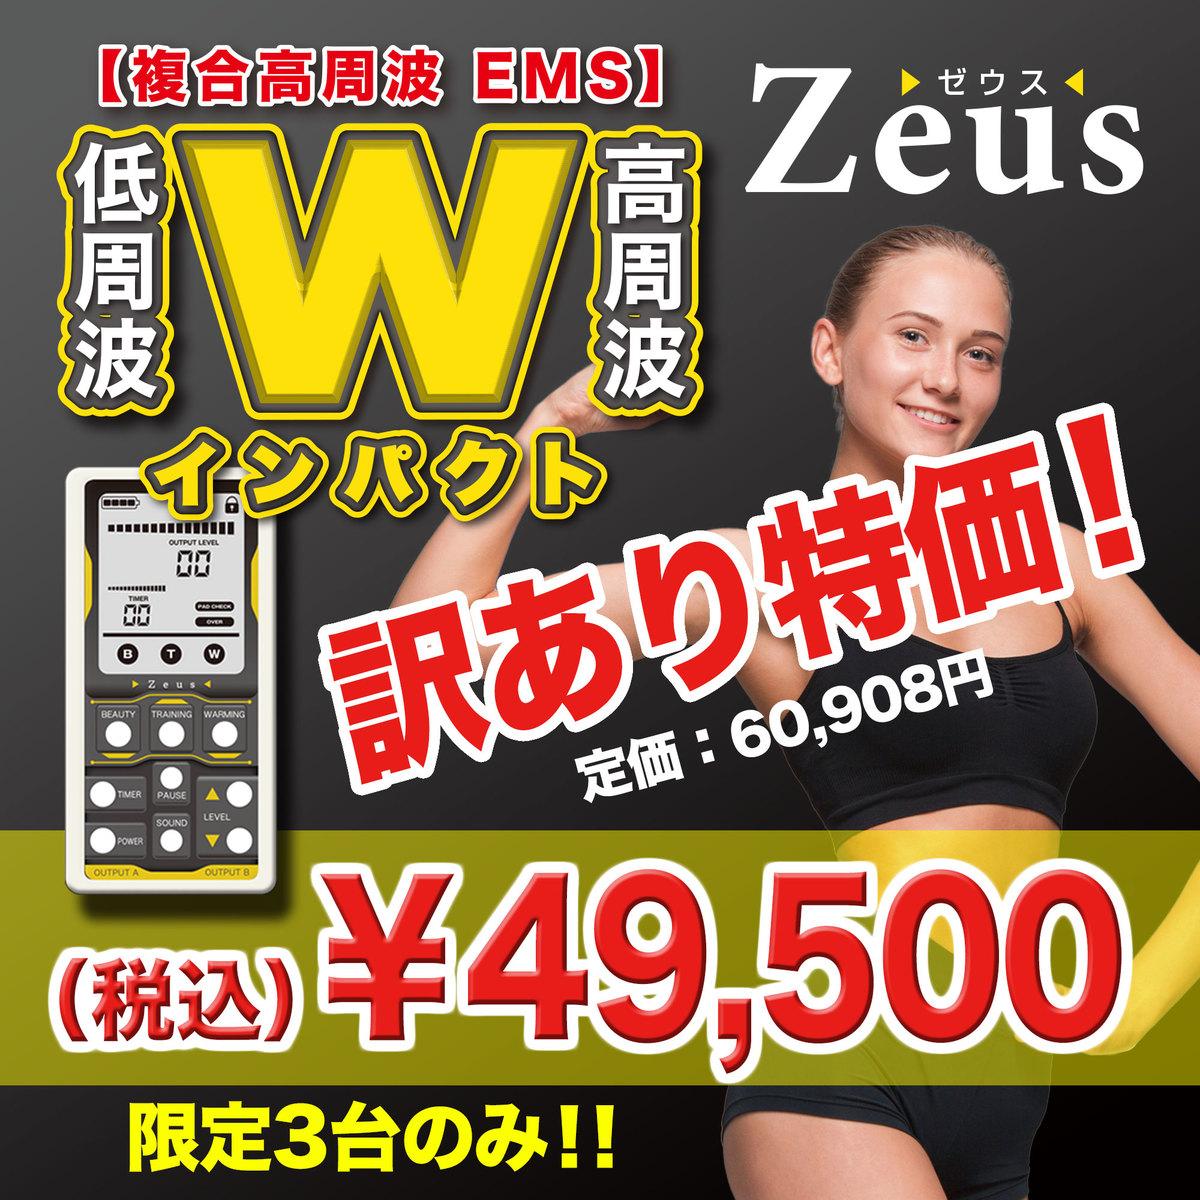 【訳あり特価!】限定3台複合高周波EMS ZEUS(ゼウス)